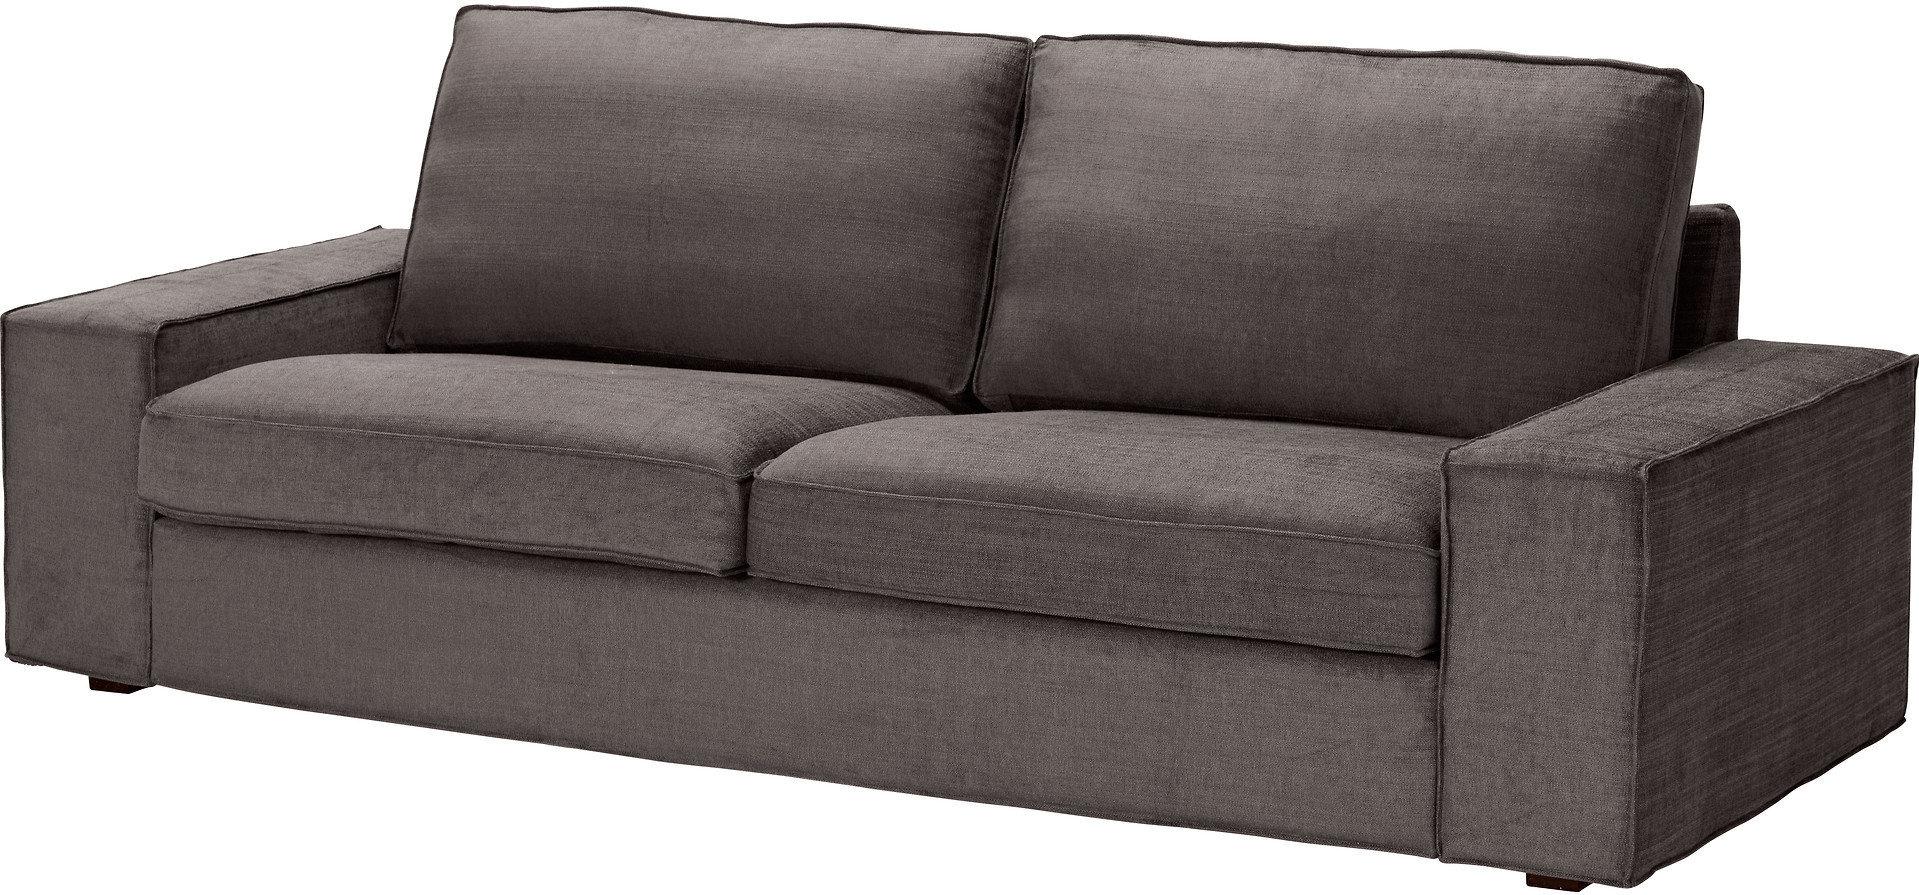 Ikea Sofa Kivik Sofa Tullinge Gray Brown Ikea Kivik Sofa Tulli Kivik Sofa Ikea Sofa Three Seat Sofa